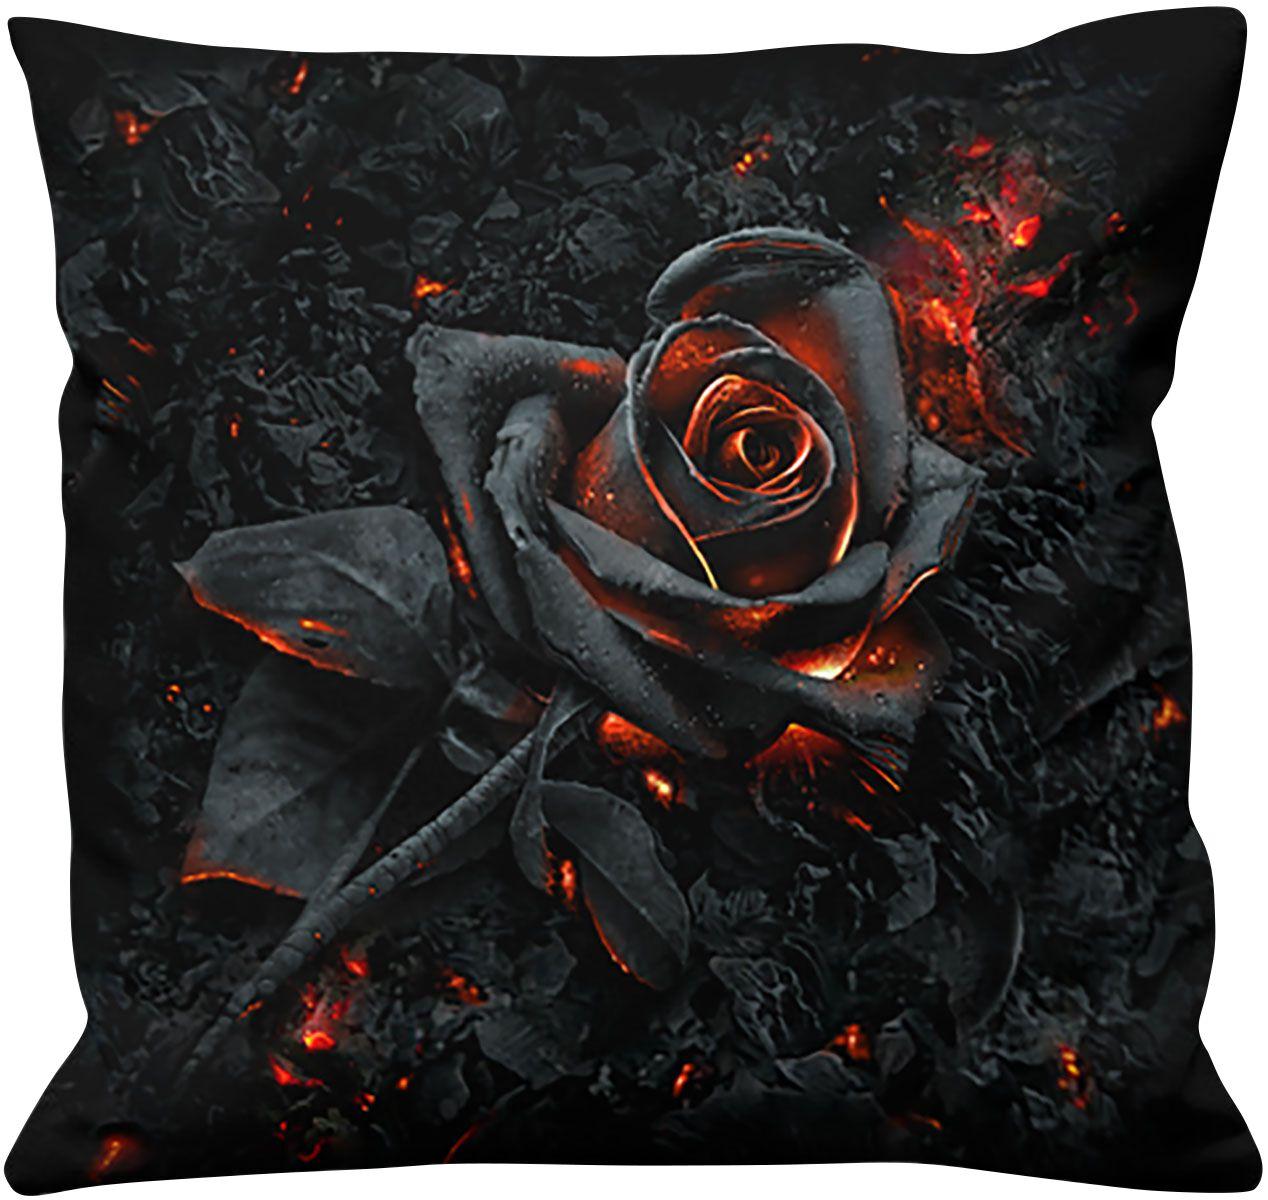 Spiral Burnt Rose  Kissen  schwarz